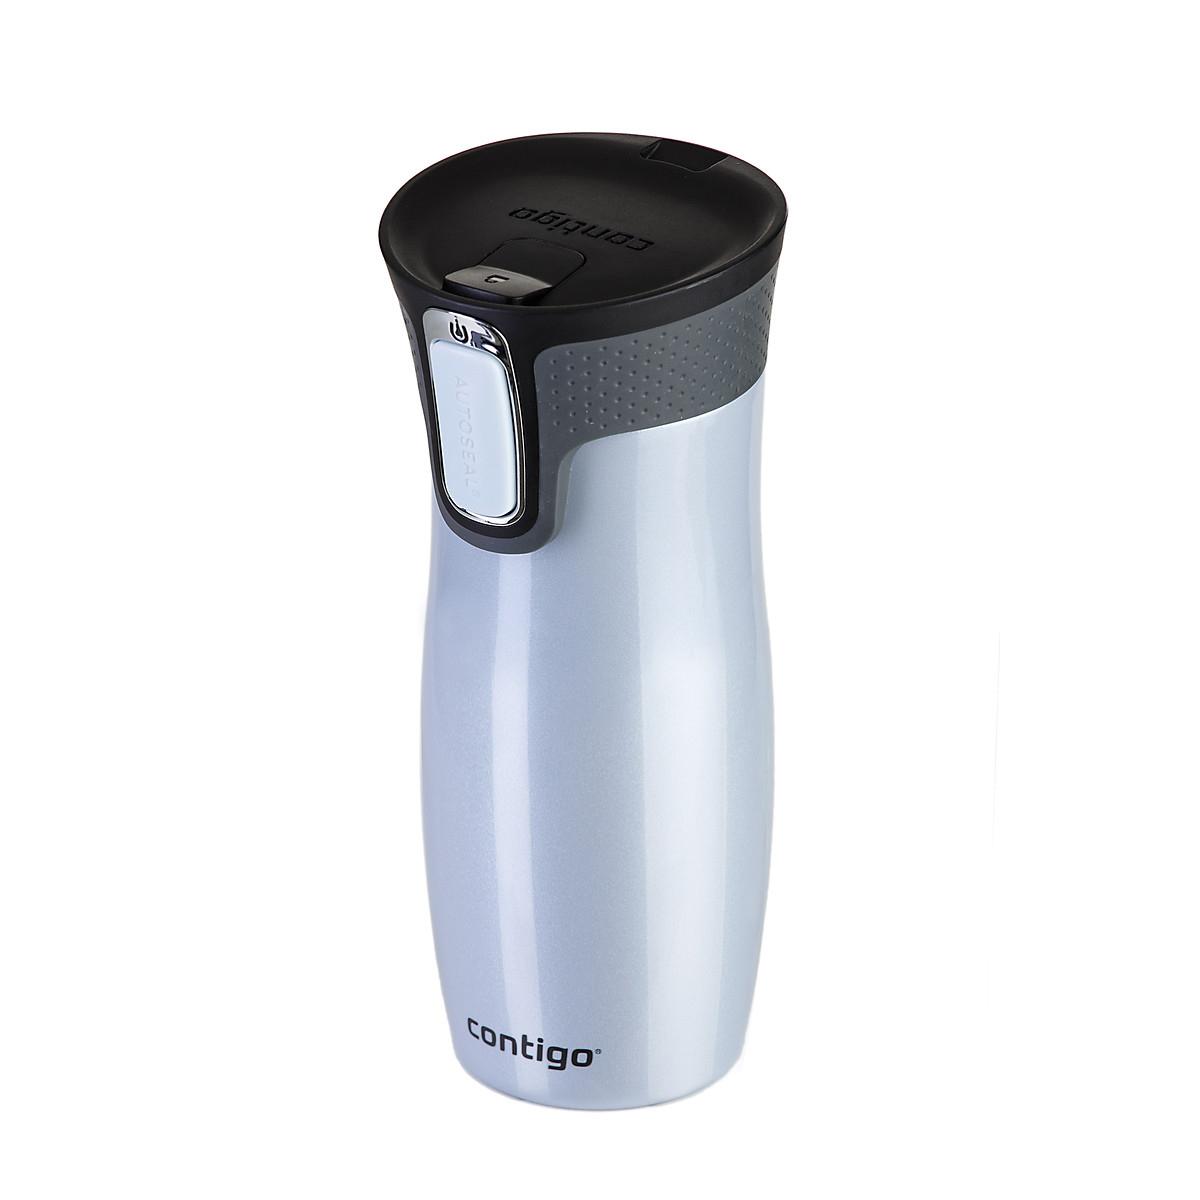 Термокружка Contigo West Loop, цвет: светло-серый, черный, 470 млcontigo0260Термокружка Contigo West Loop, изготовленная из высококачественной окрашенной нержавеющей стали и пищевого пластика, подходит как для холодных, так и для горячих напитков. Жидкость сохраняется горячей до 5 часов, холодной - до 12 часов. Изделие оснащено крышкой с открывающимся клапаном, что очень удобно для питья. Клапан открывается нажатием кнопки Autoseal сбоку кружки. Функция блокировки предназначена для предотвращения нежелательного нажатия данной кнопки во время перемещения кружки, наполненной жидкостью. С такой термокружкой вы где угодно сможете насладиться вашими любимыми напитками: в поездке, на прогулке, на работе или учебе. Изделие удобно брать с собой. Крышка подходит для мытья в посудомоечной машине. Корпус рекомендуется мыть вручную. Диаметр горлышка: 6,5 см. Размер (по верхнему краю): 8 х 9 см. Высота кружки (с учетом крышки): 20 см.